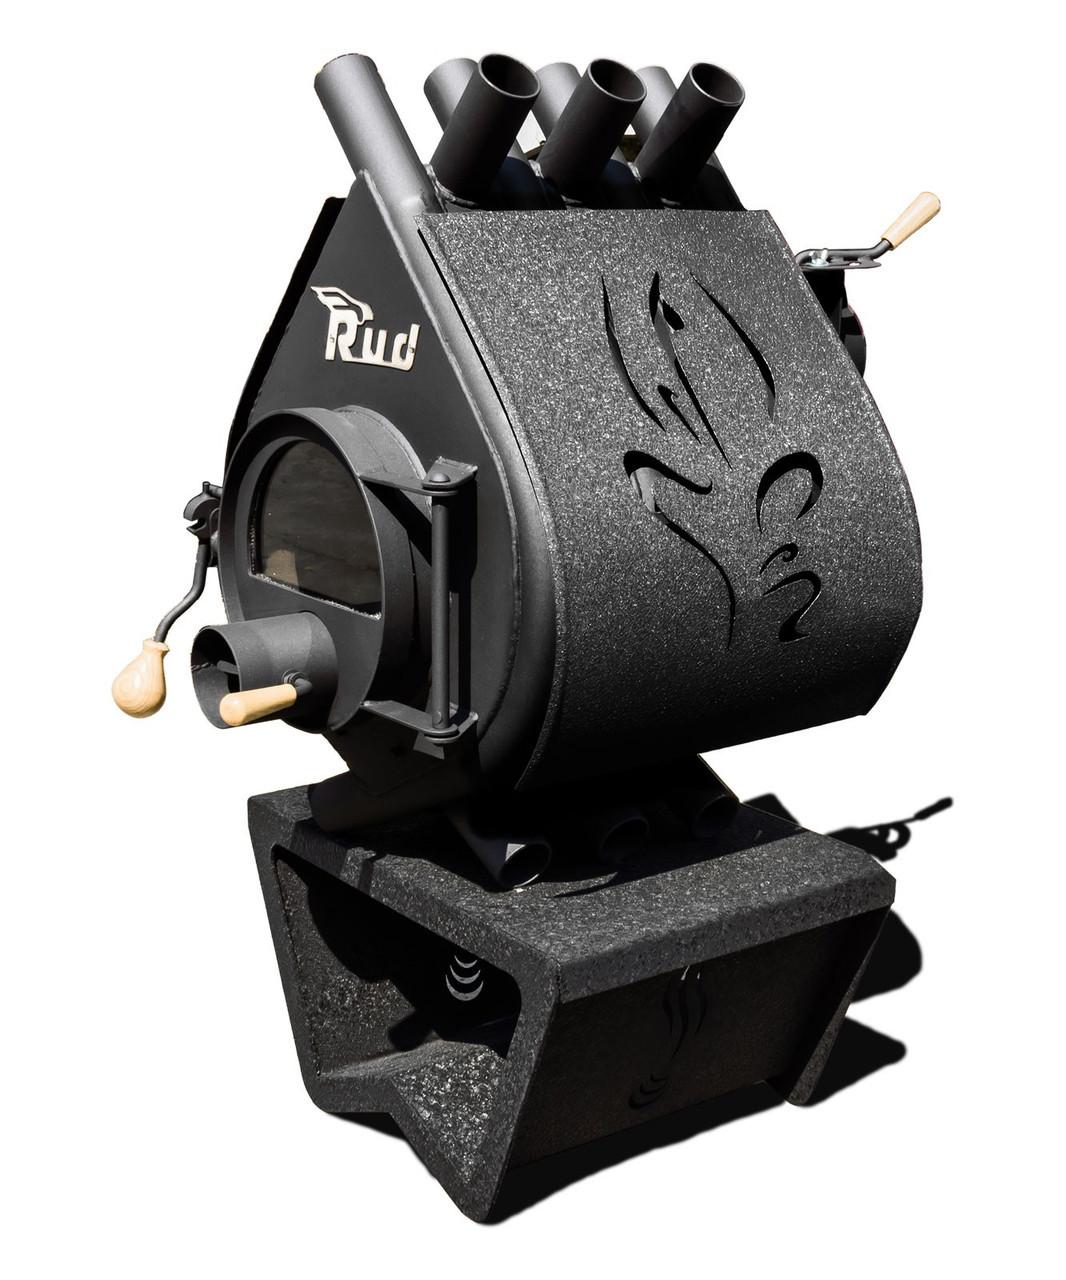 Отопительная конвекционная печь Rud Pyrotron Кантри 01 С обшивкой декоративной (коричневая)